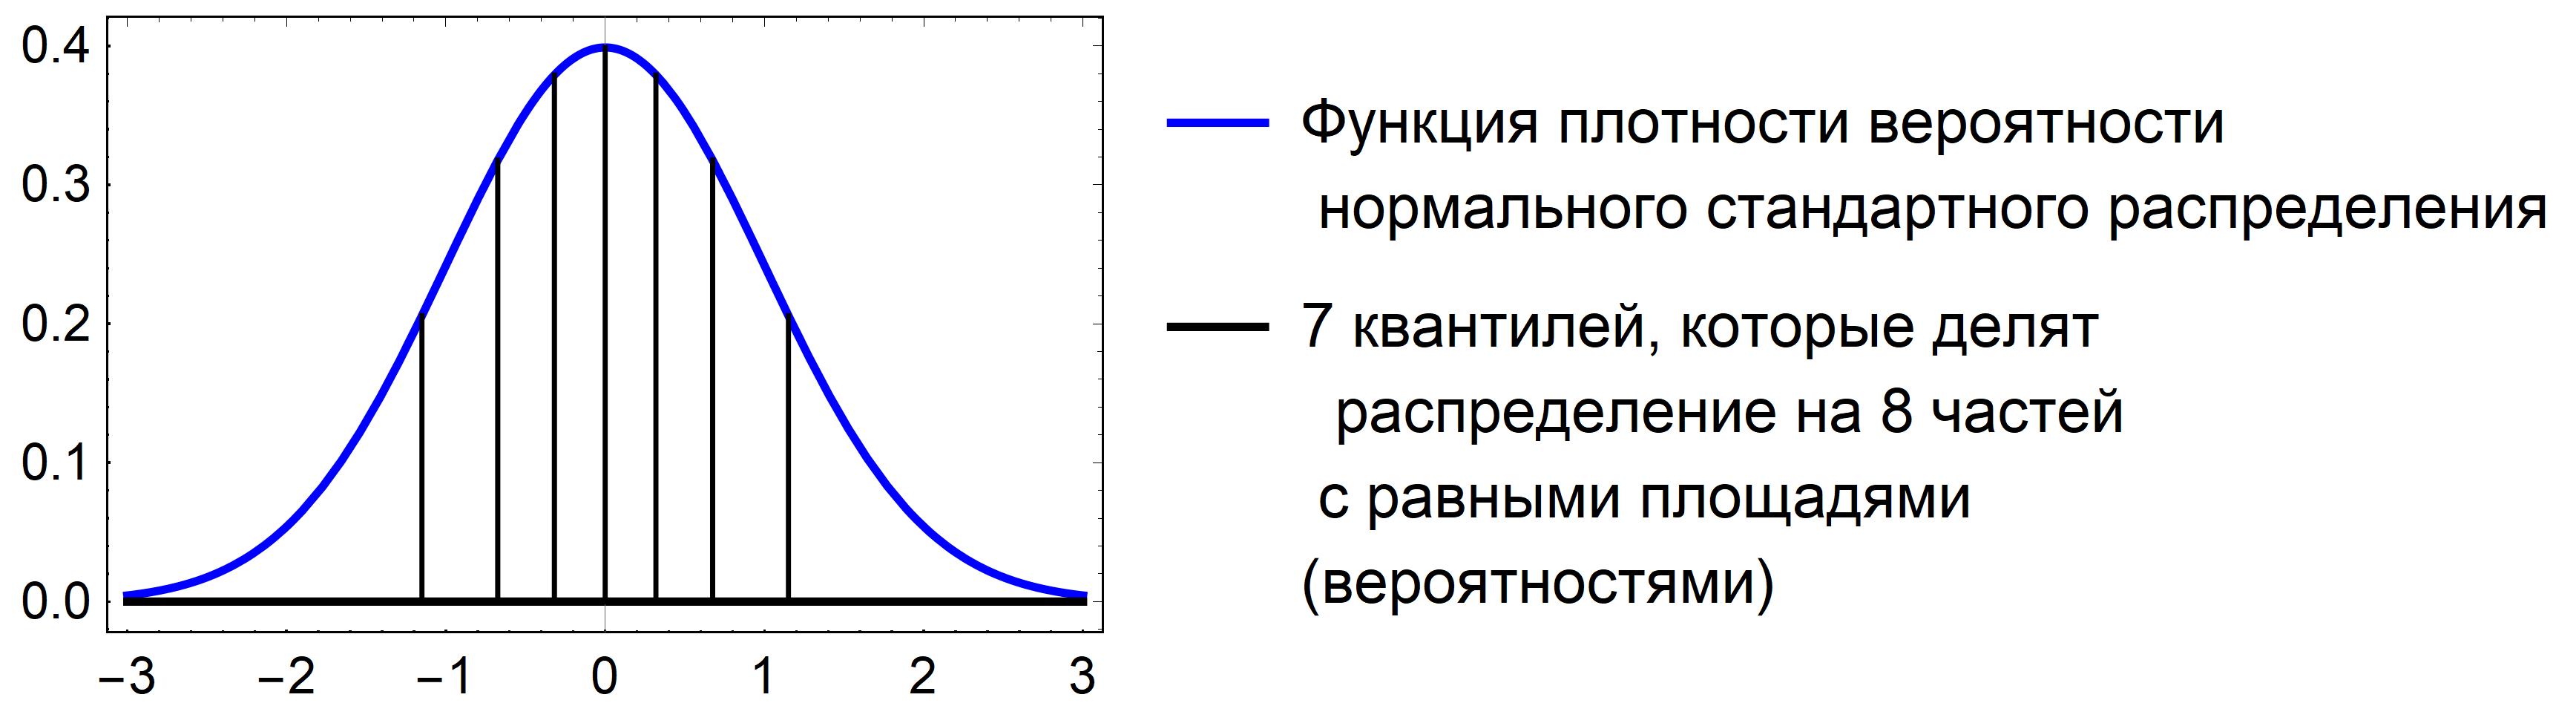 Рис. 2: Иллюстрация квантилей непрерывного распределения.